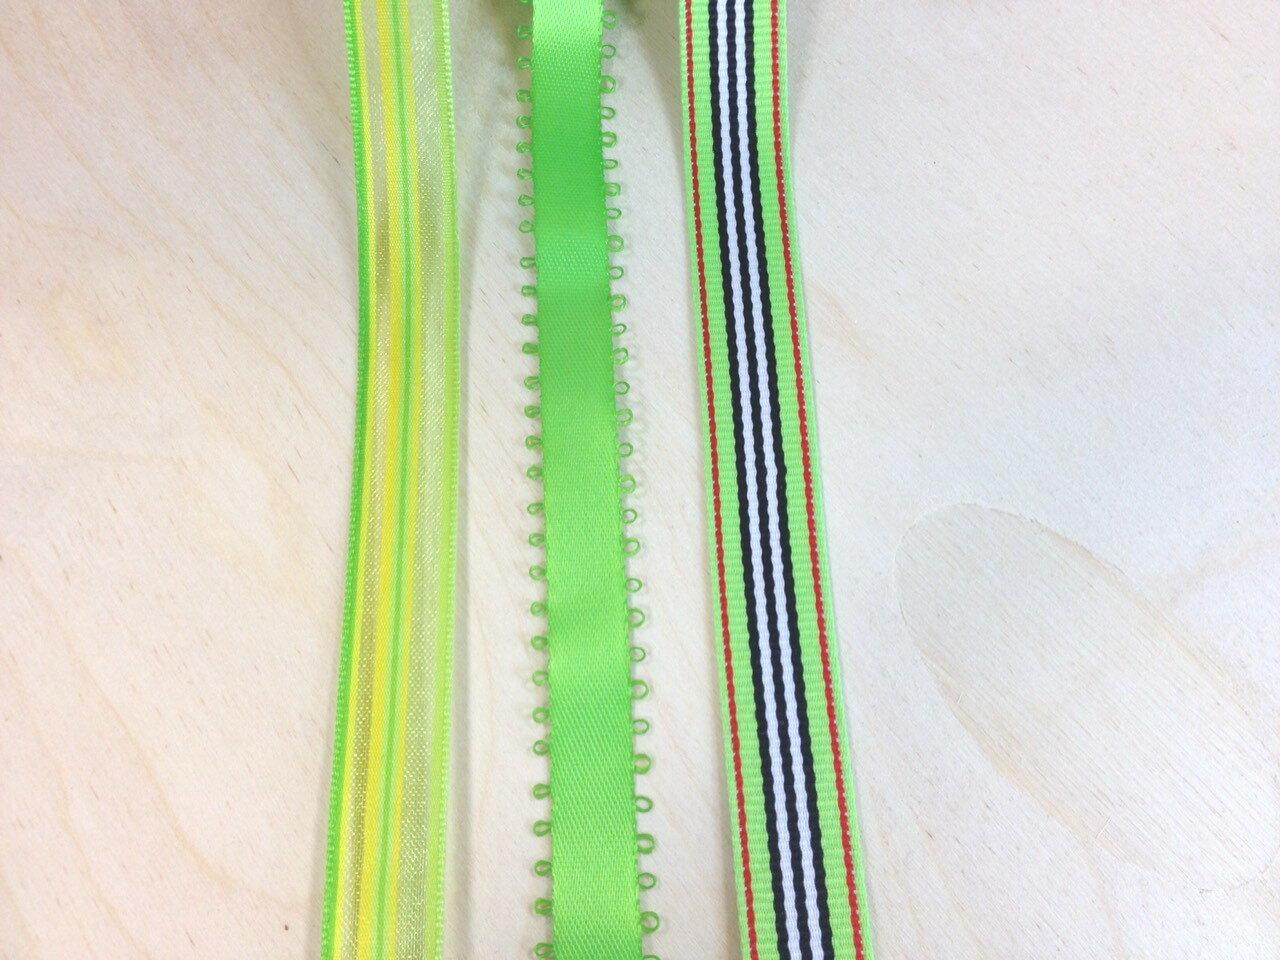 【Crystal Rose緞帶專賣店】甜甜檸檬緞帶組合 1